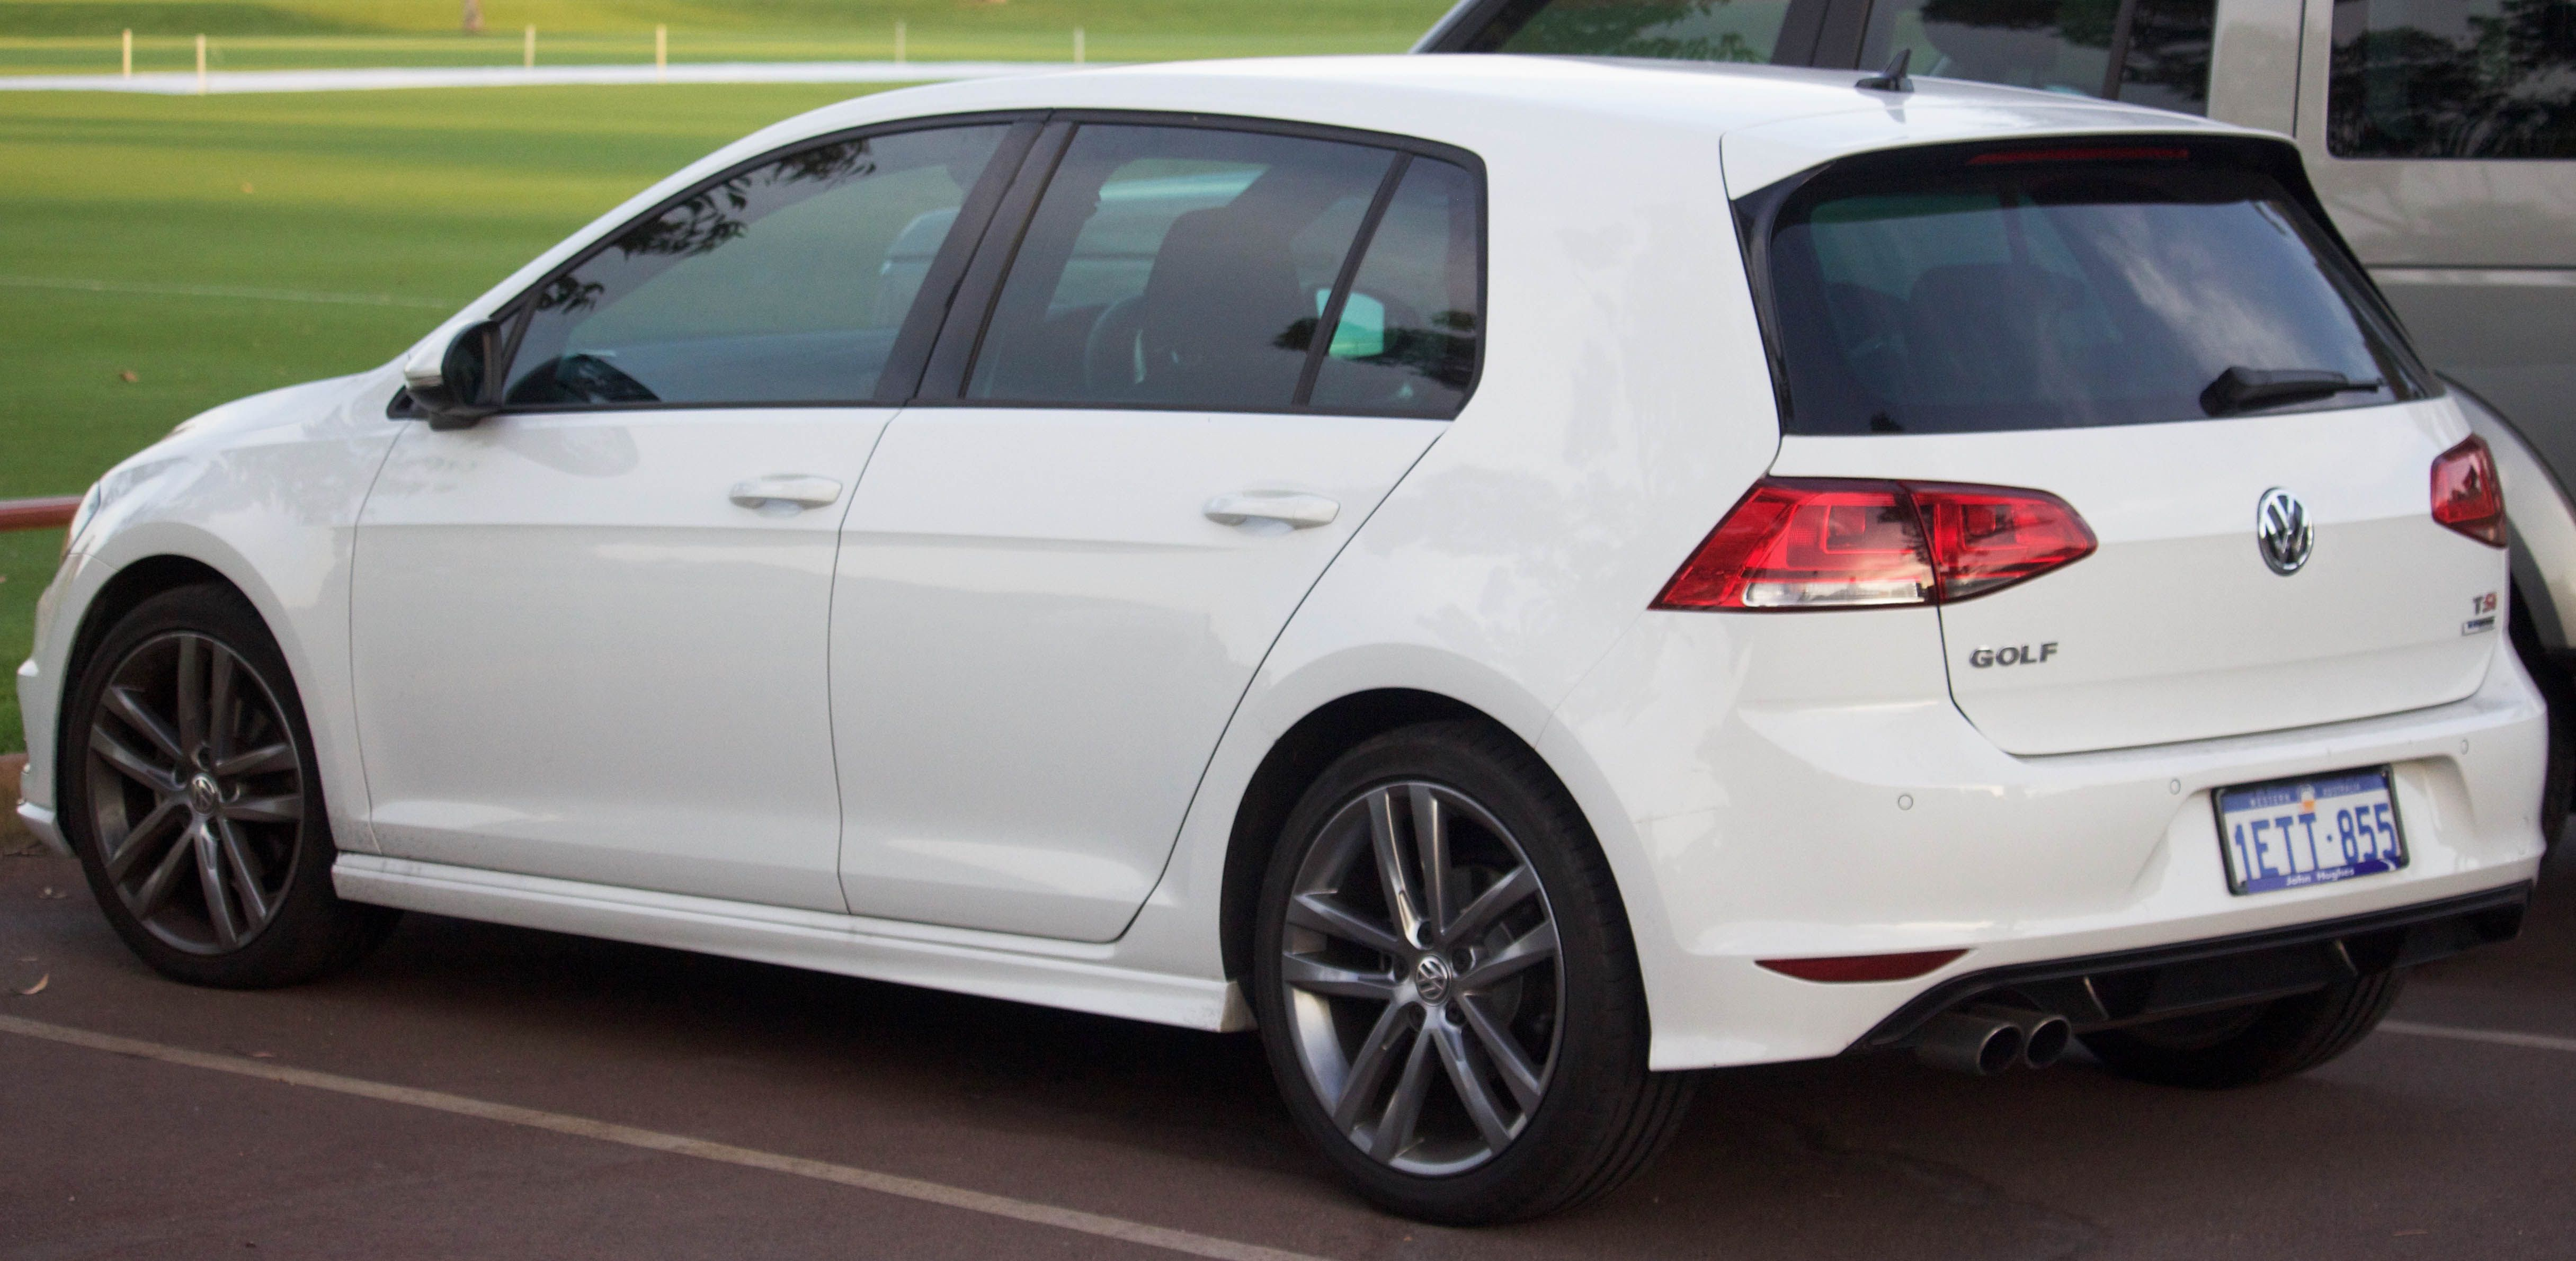 Volkswagen Golf Wallpaper